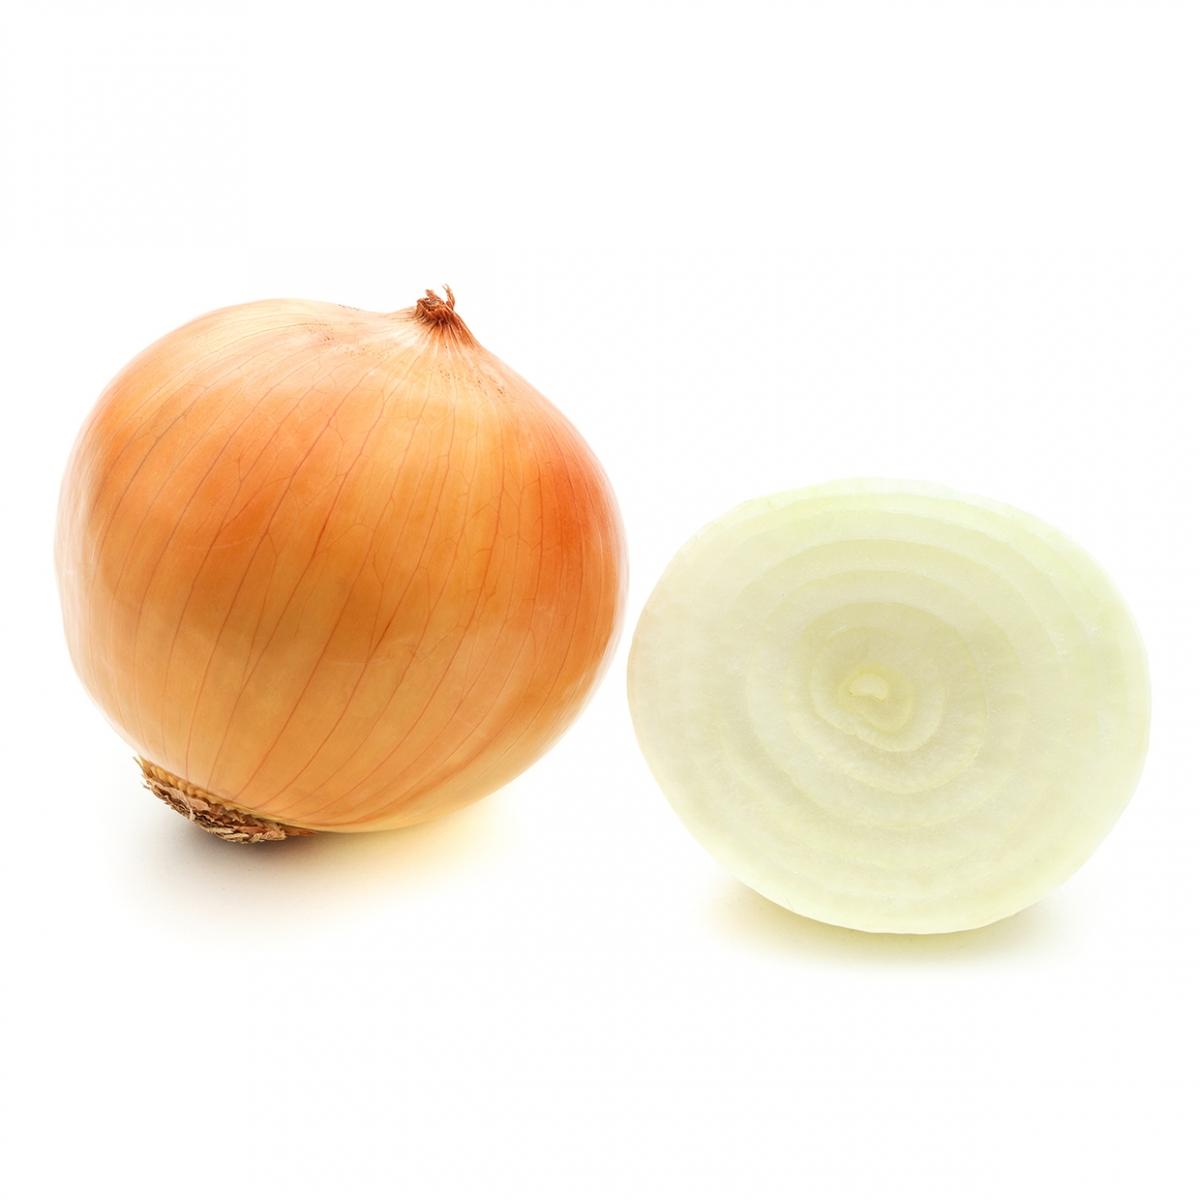 Imagen en la que se ve una cebolla con piel y una cebolla partida por la mitad